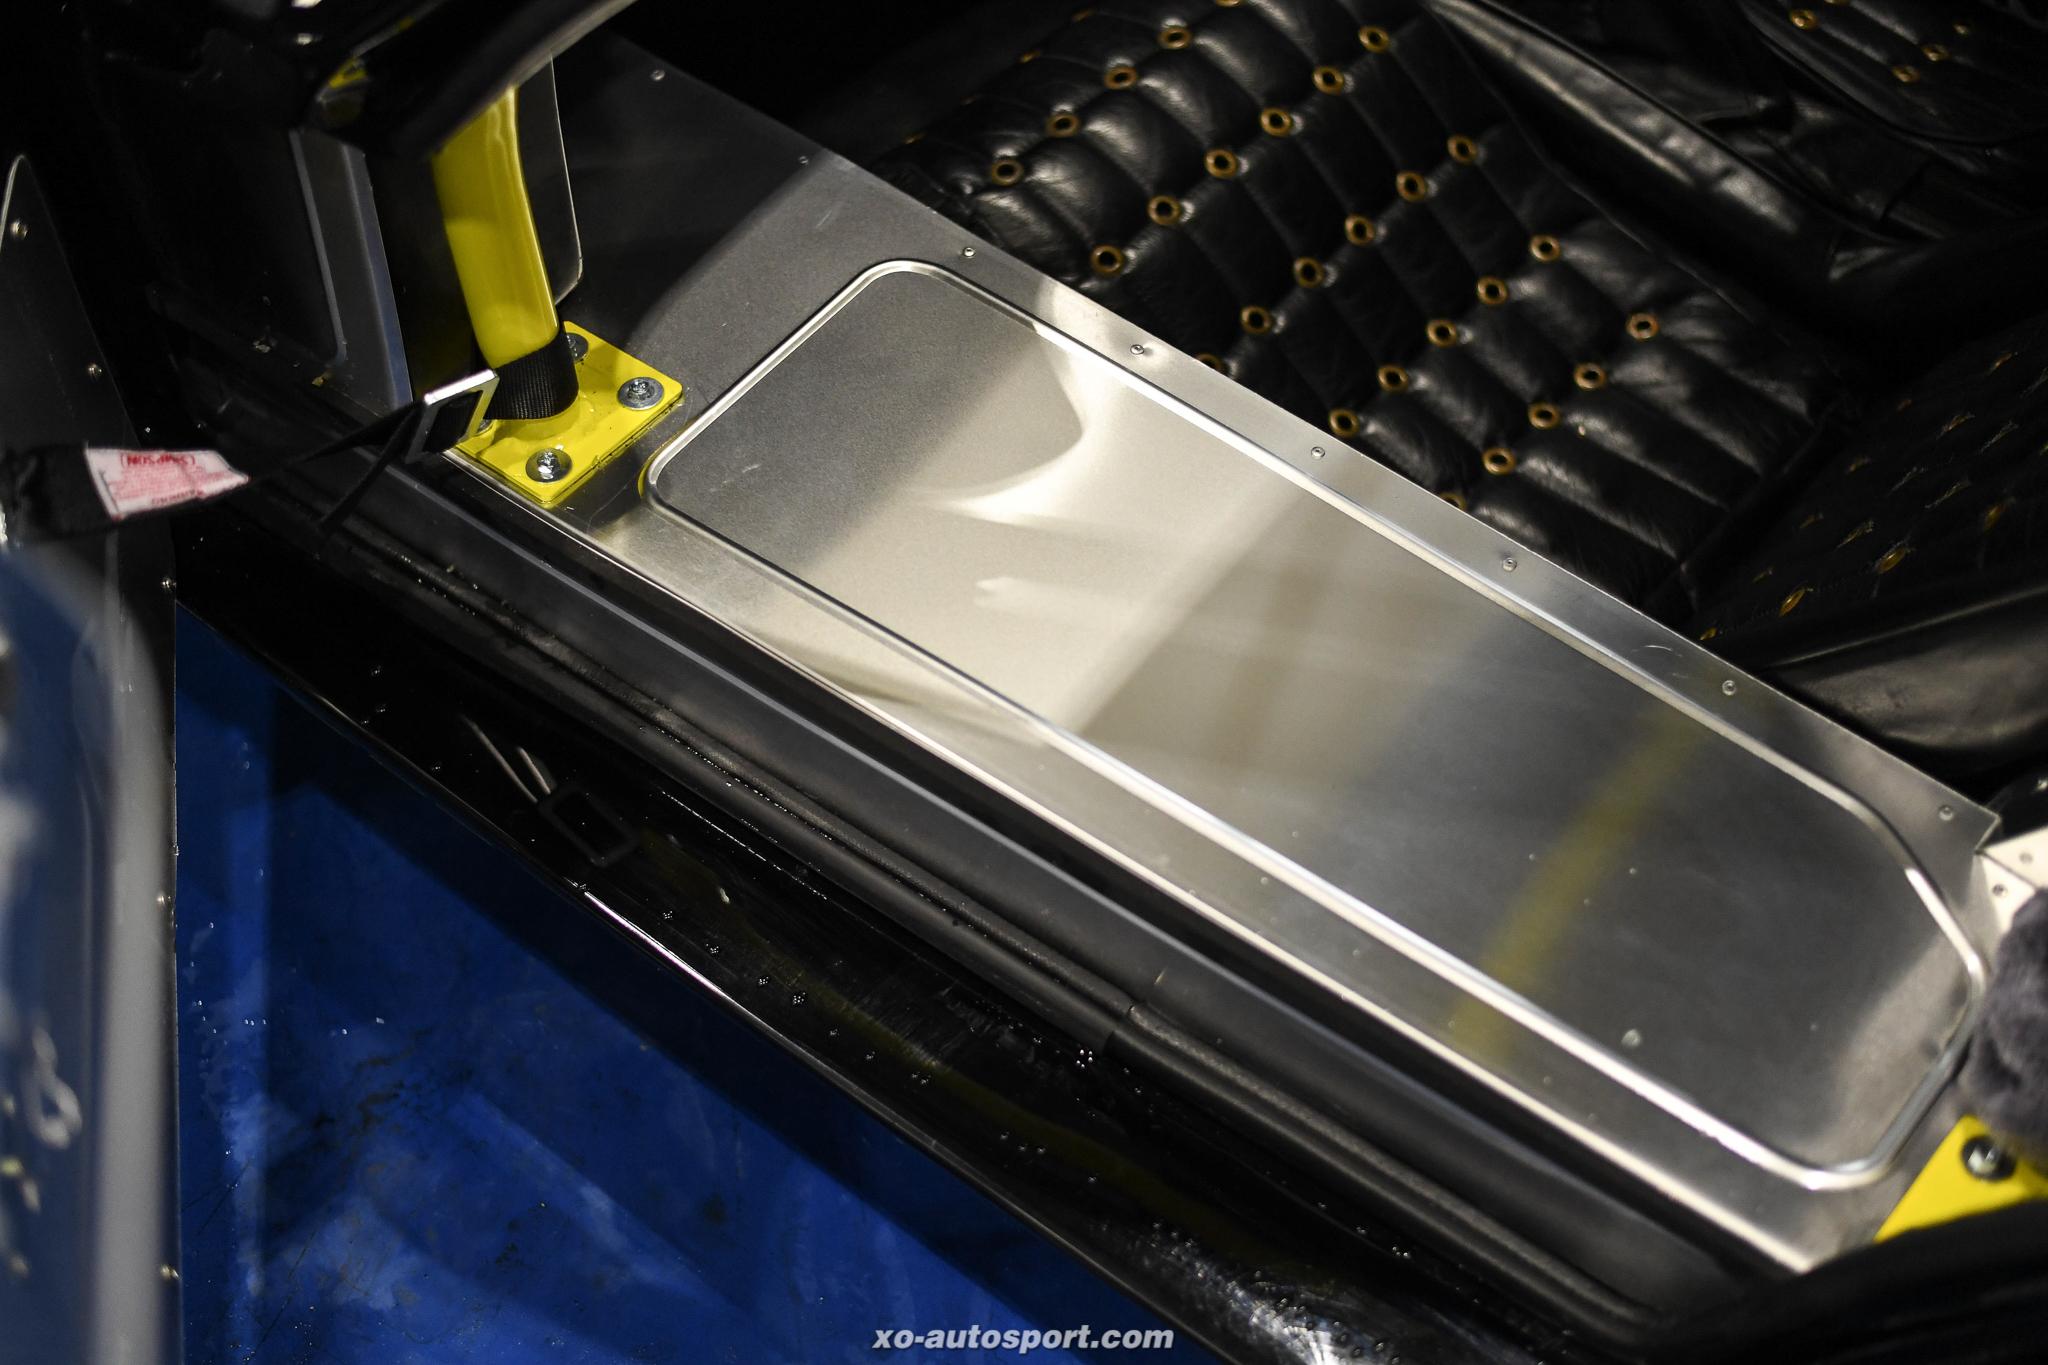 LB WORKS LAMBORGHINI MIURA Replica from FORD GT40 20